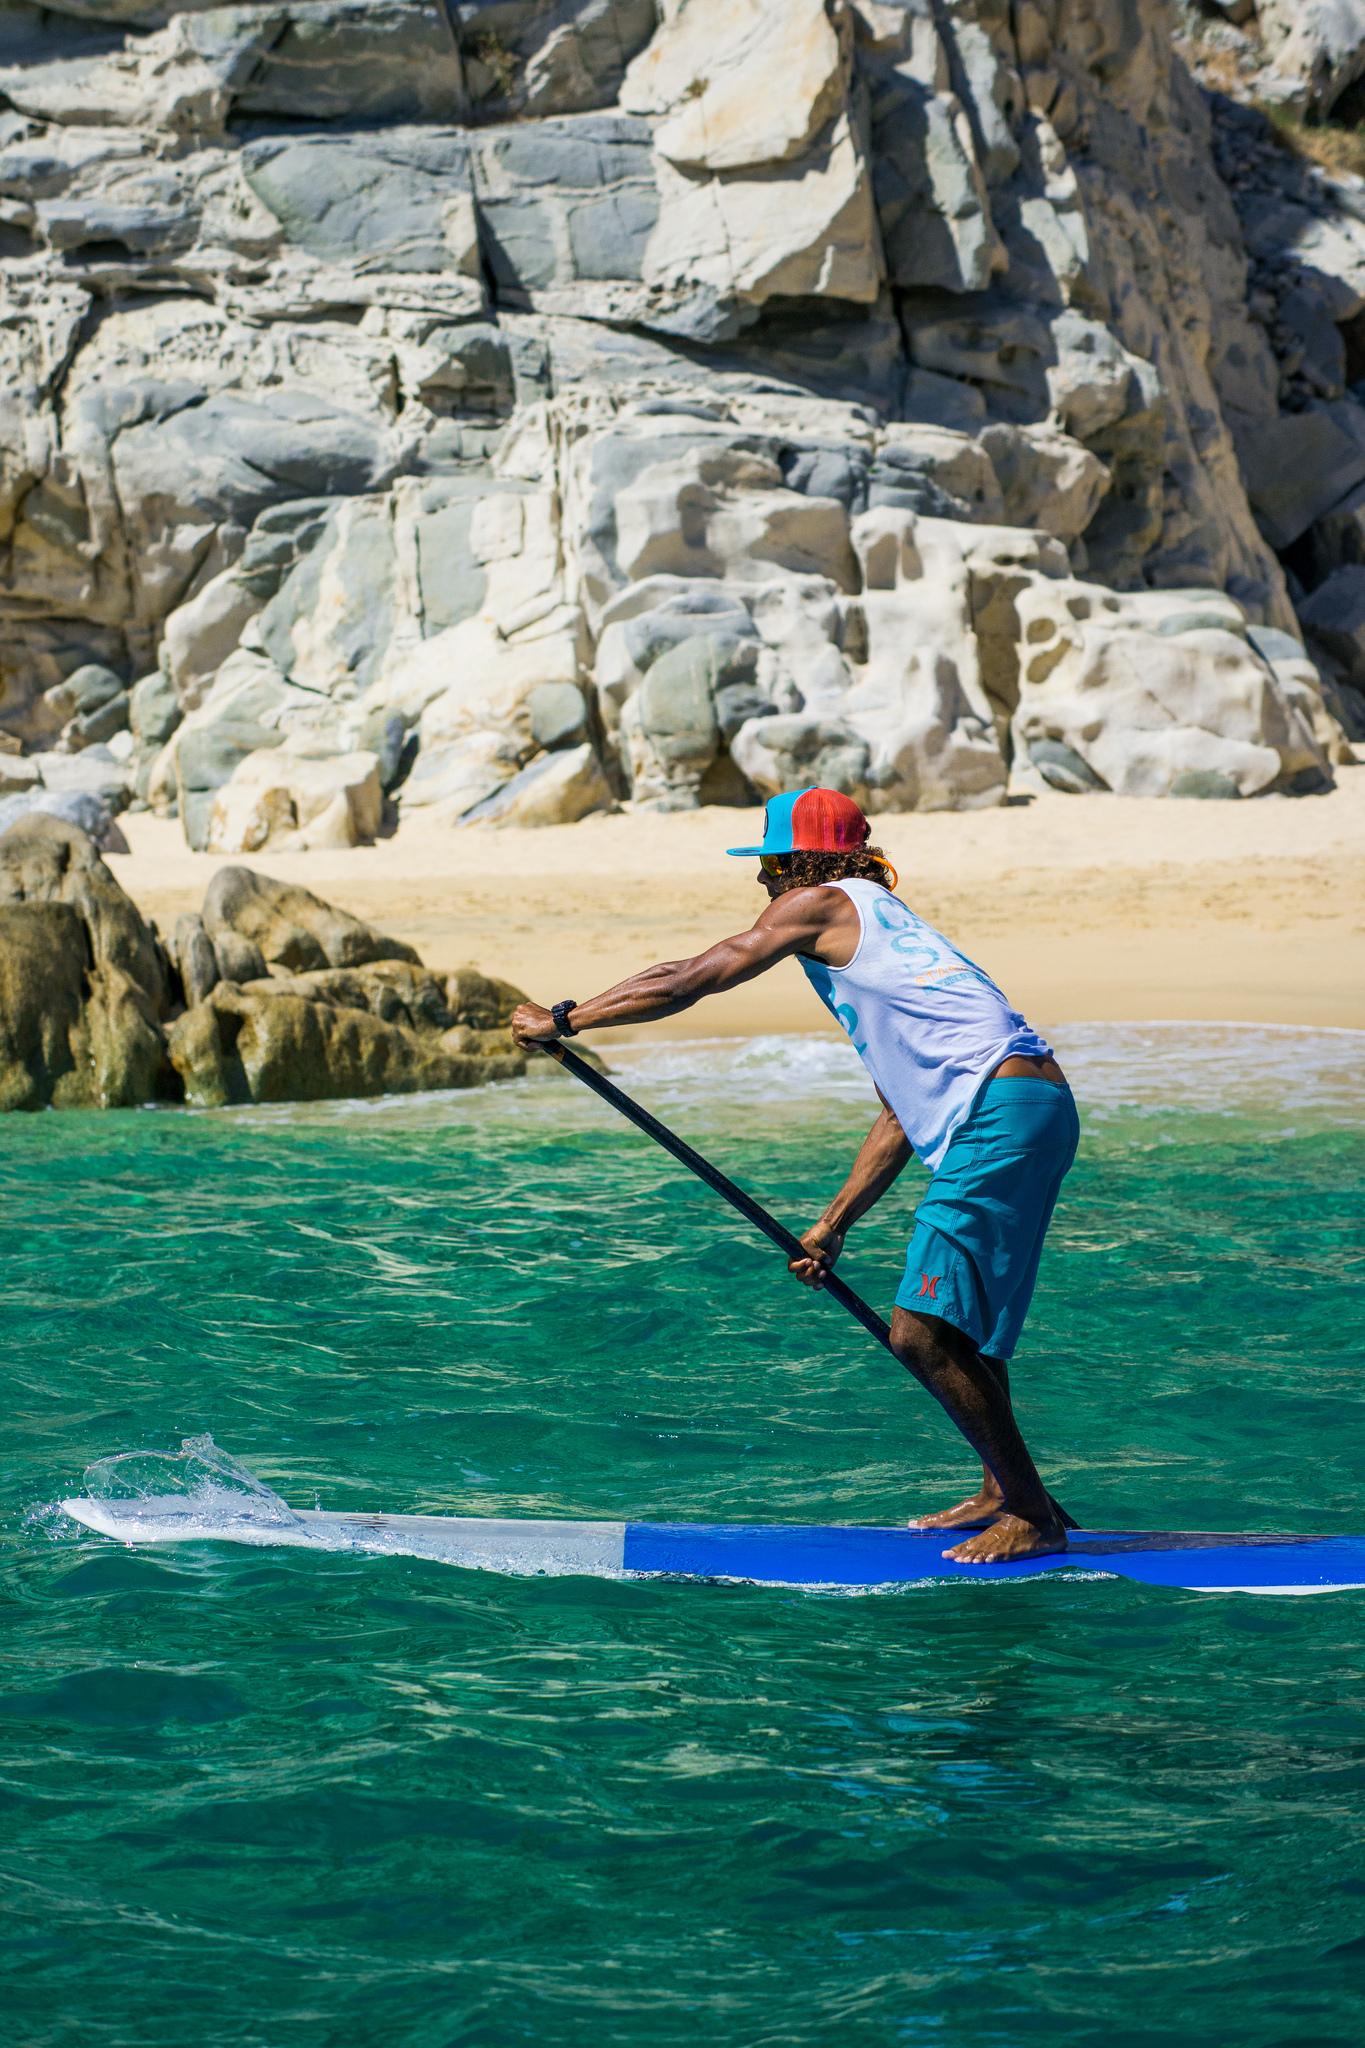 Riding Waves in Los Cabos